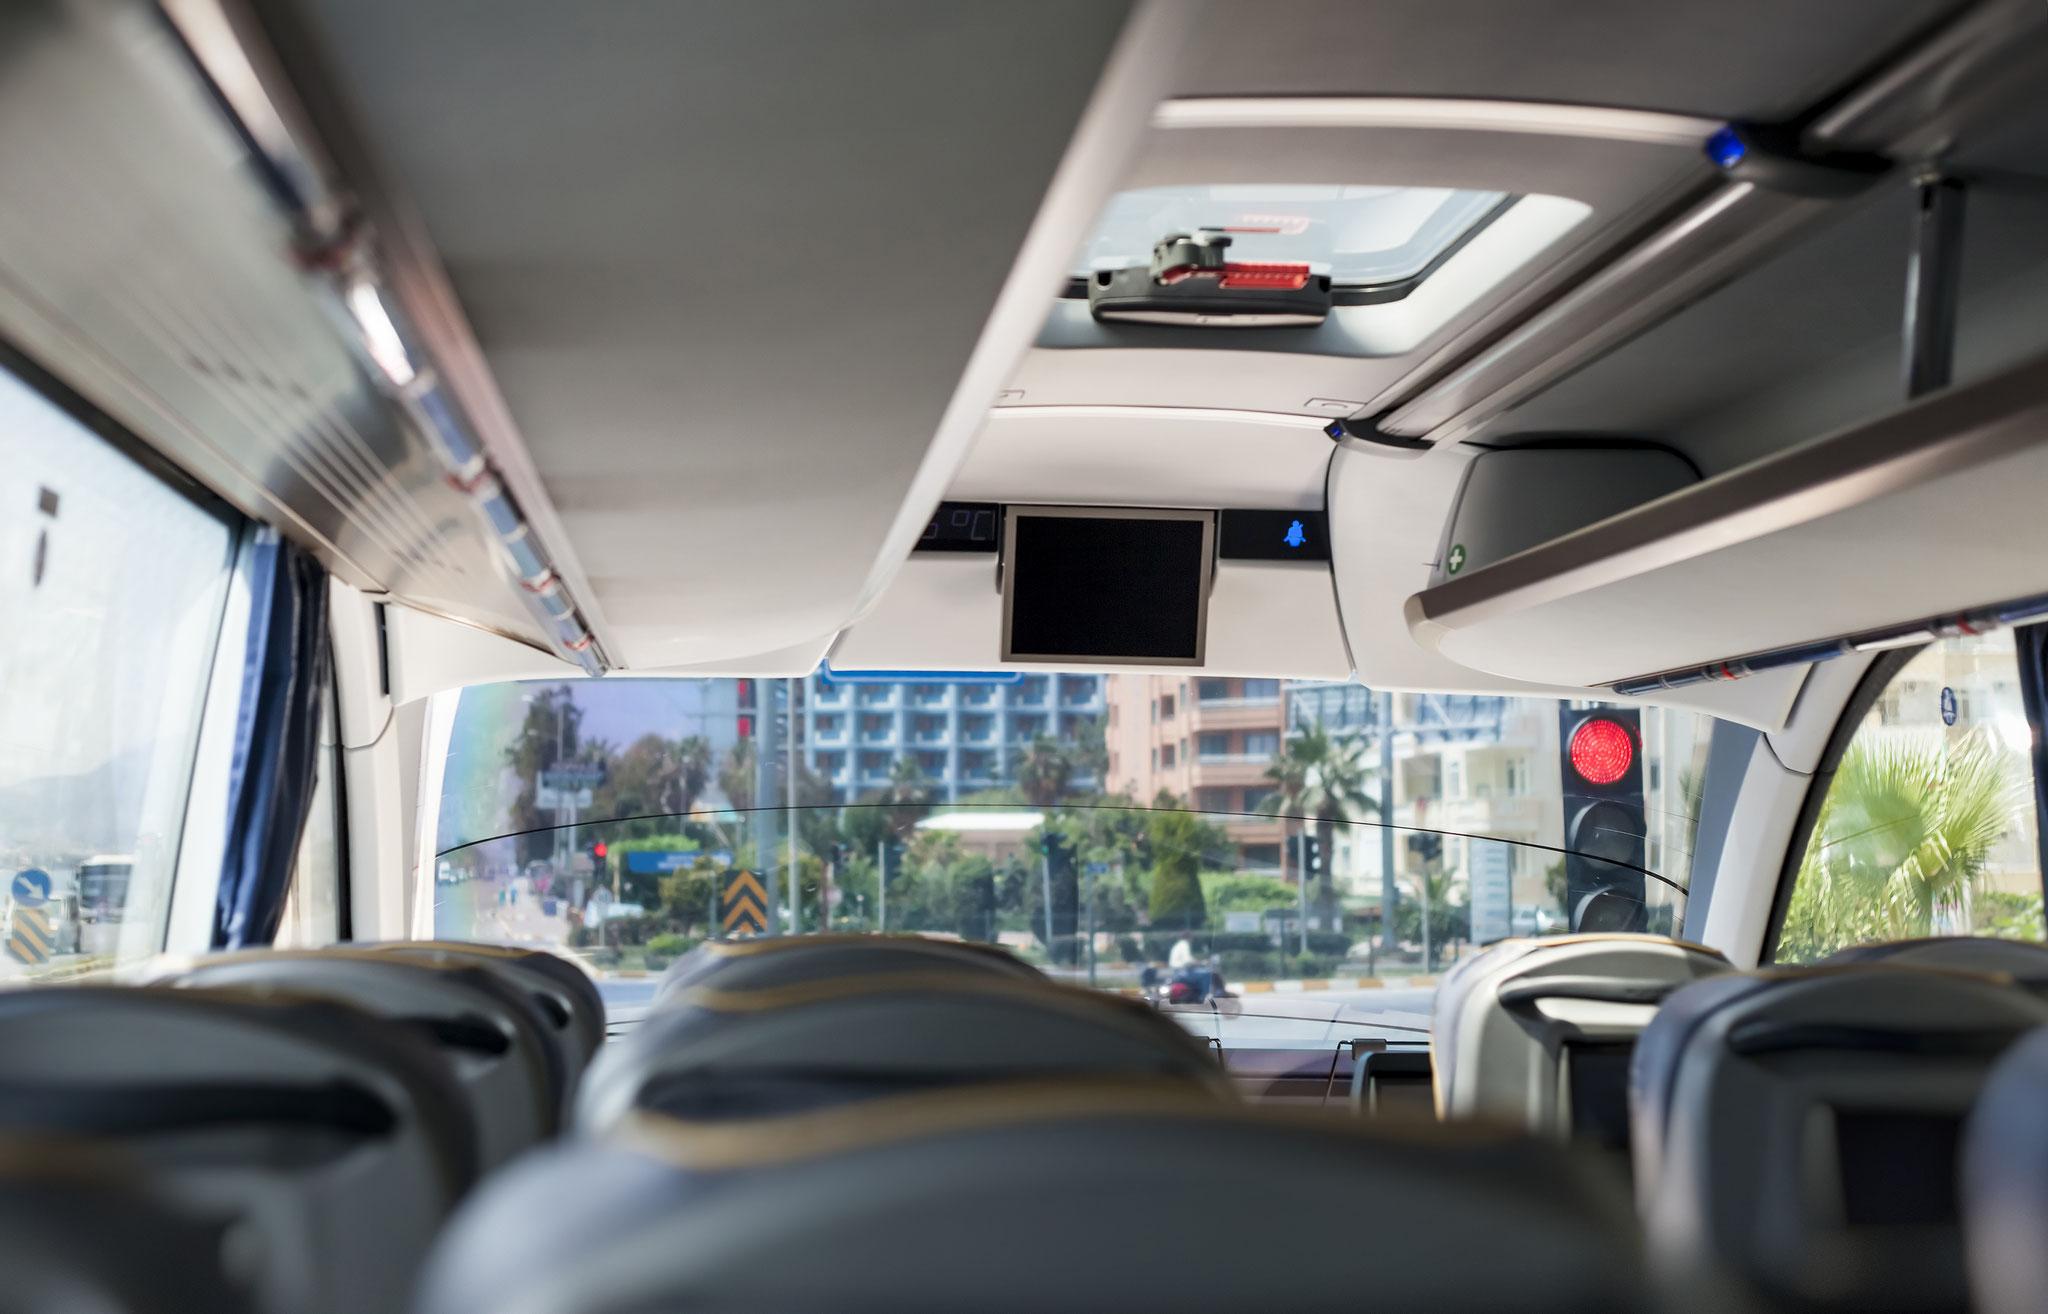 Bundel de krachten van touringcar-bedrijven en plaats alle lege ritten, vrije zitplaatsen, een eigen aanbod (bvb. busrit naar zee op warme dag) op een digitaal busplatform